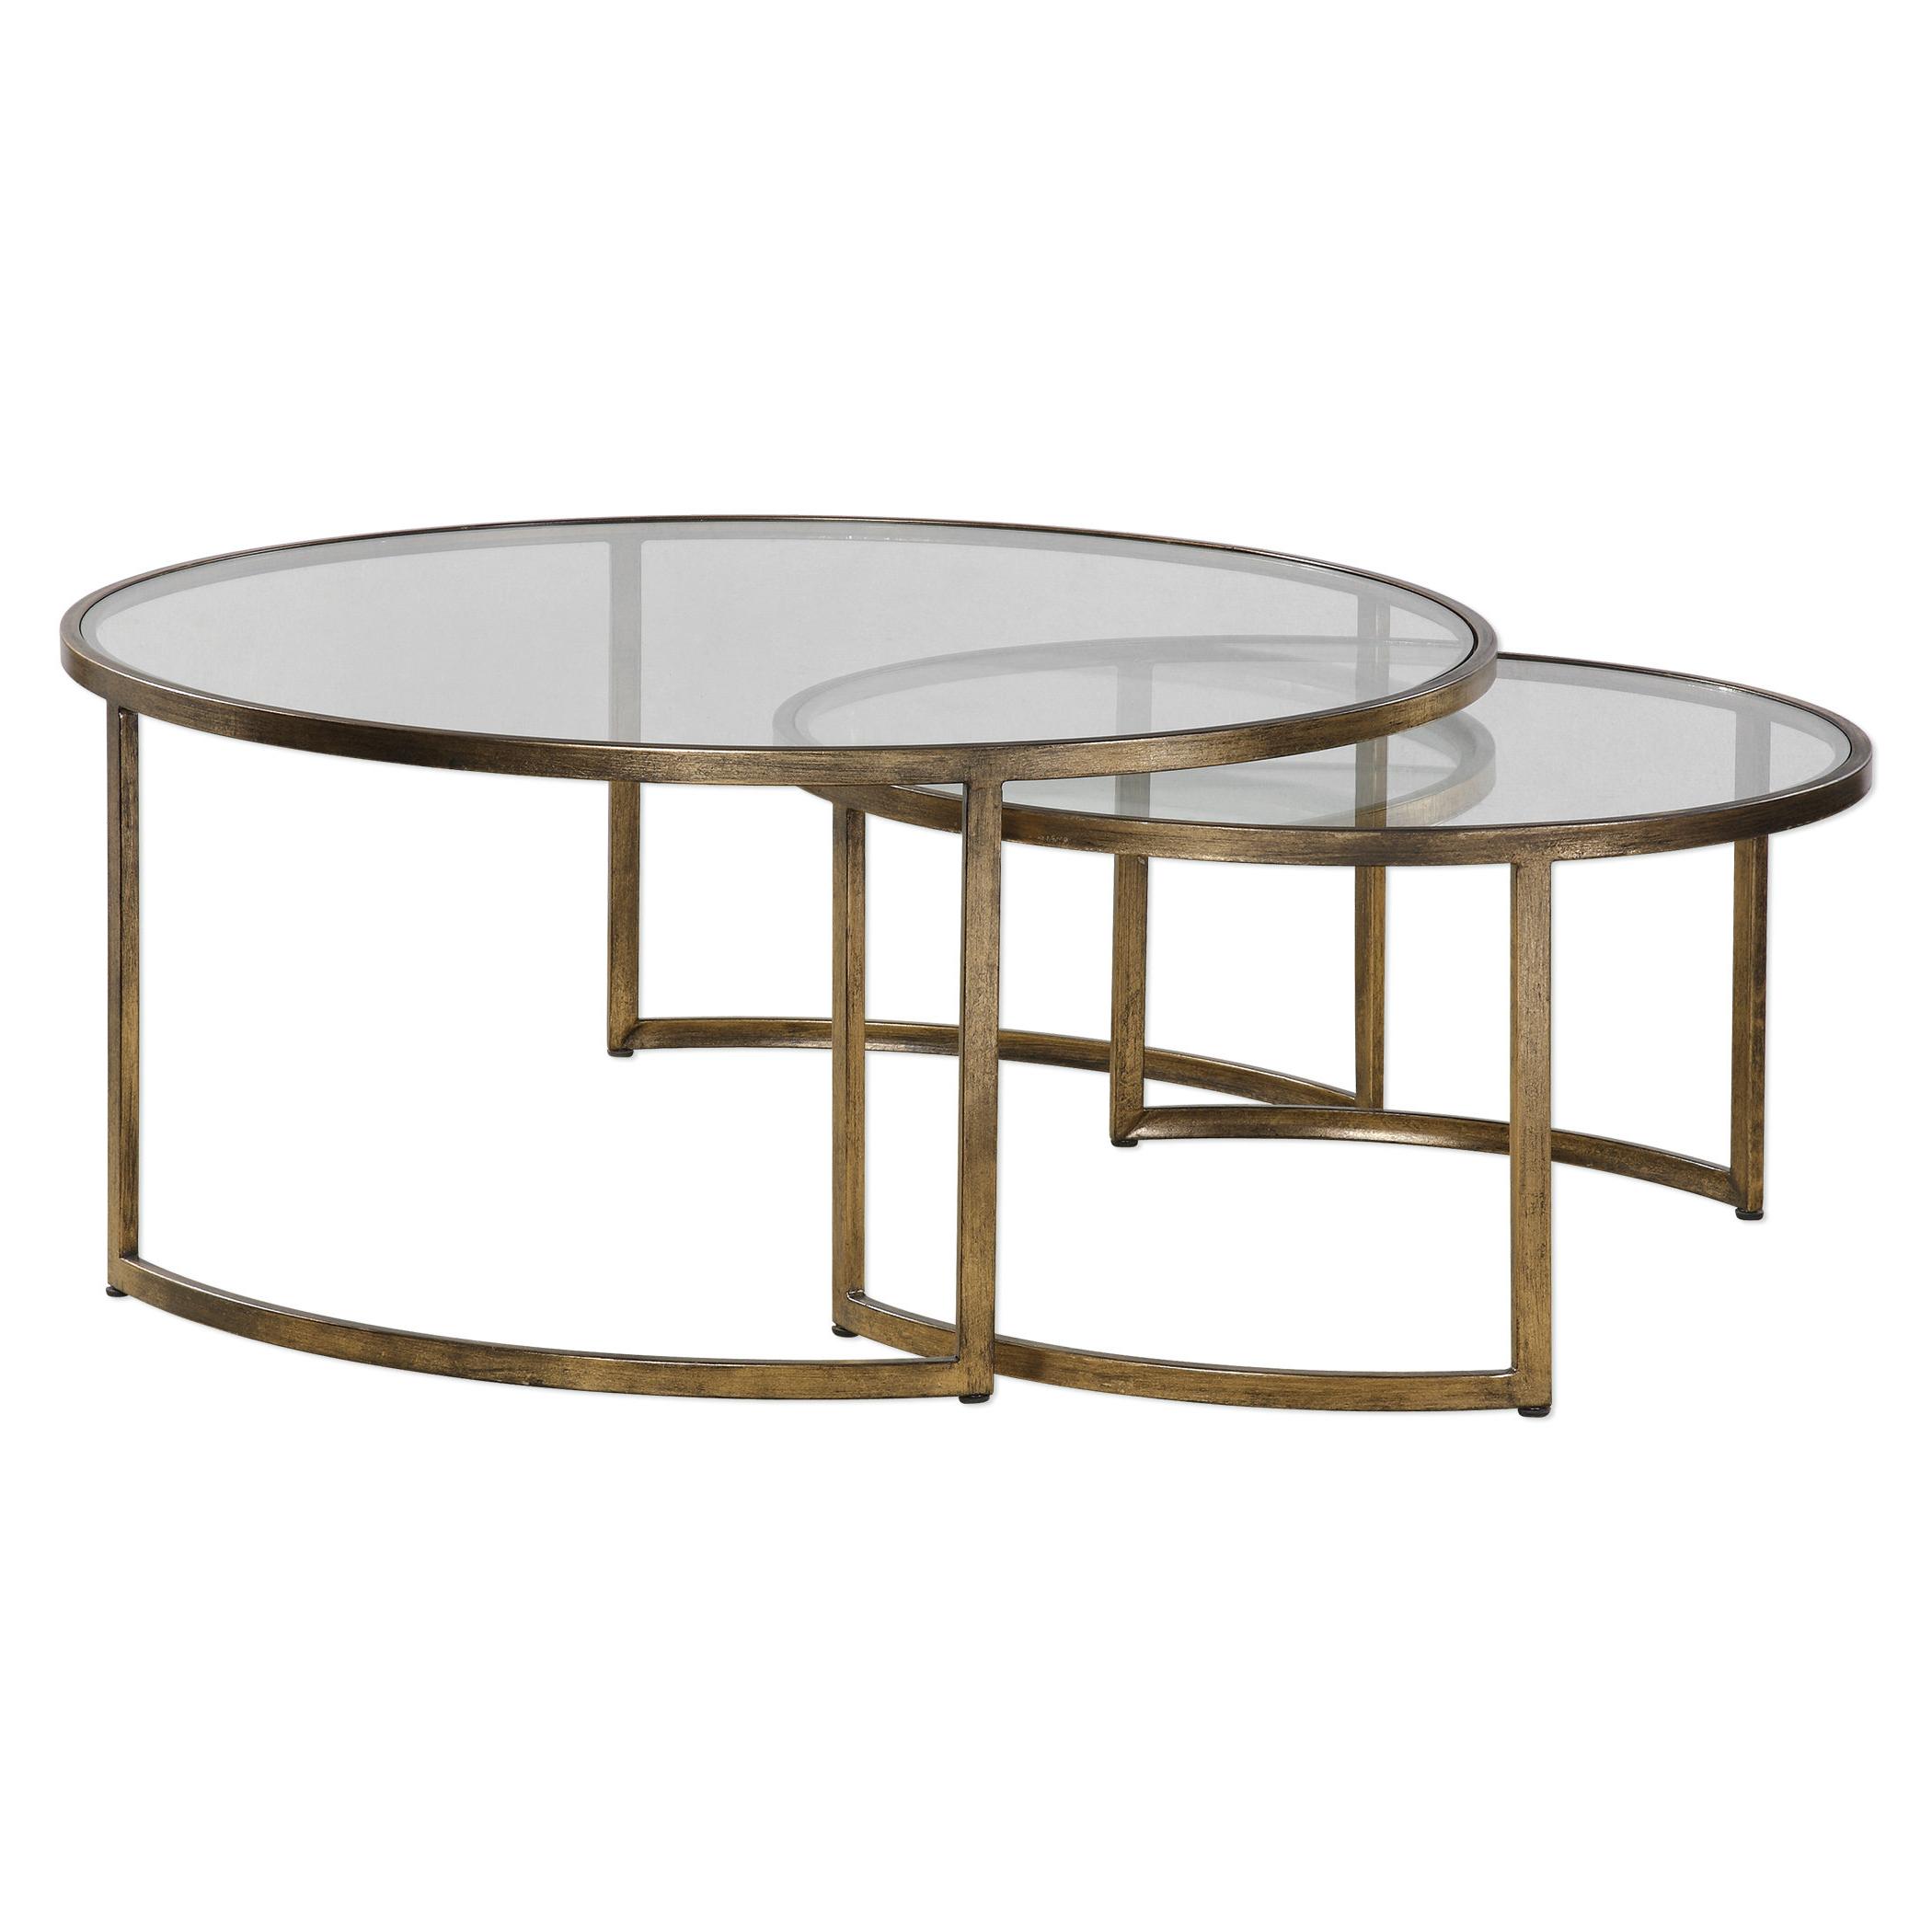 Brayden Studio Nicklas 2 Piece Coffee Table Set & Reviews (View 4 of 20)